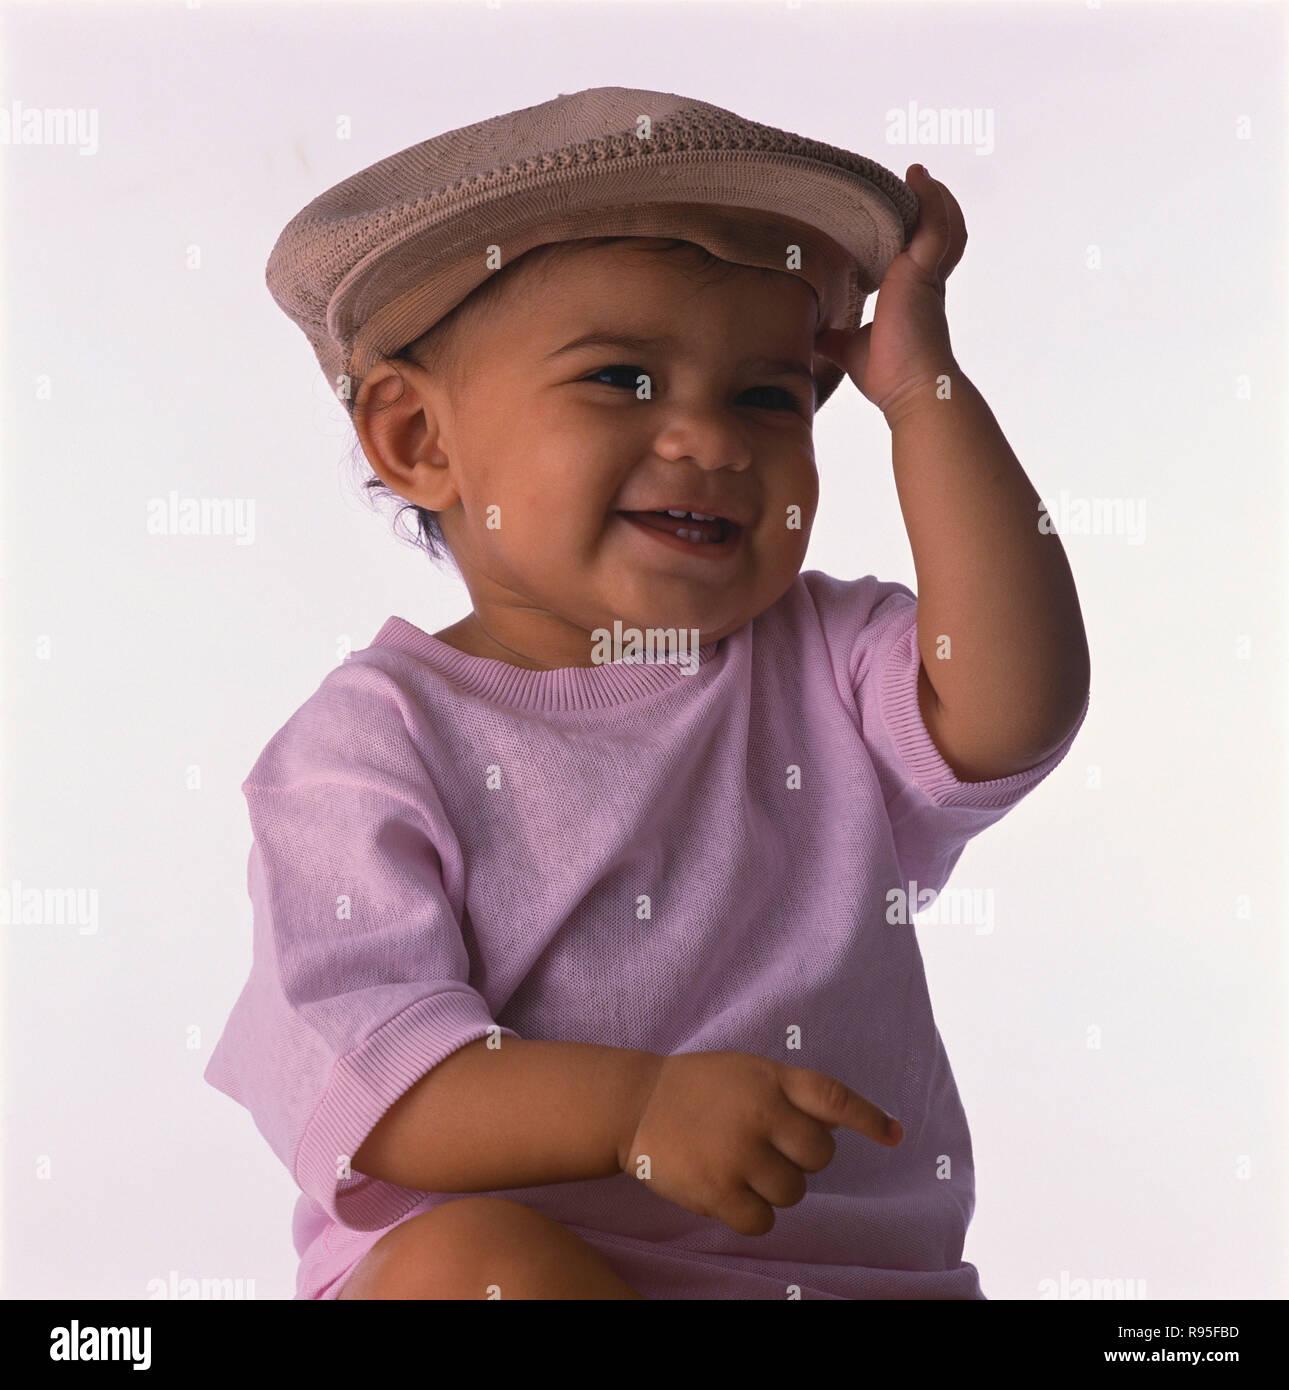 Baby Junge, mit Kappe, Porträt, weißer Hintergrund, MR Stockfoto